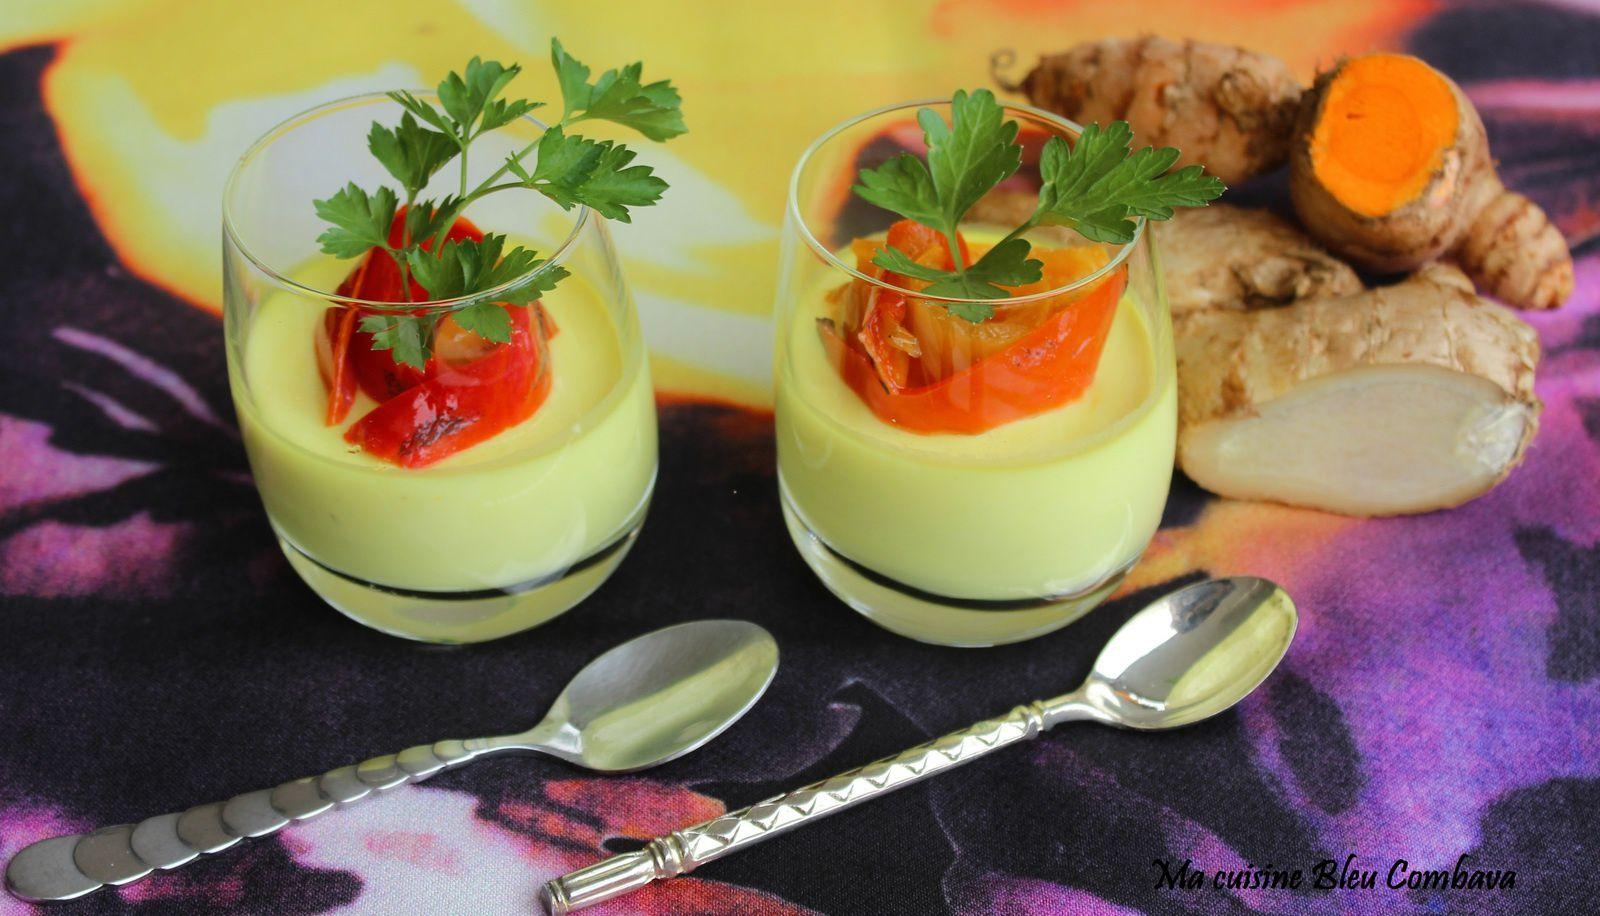 Panna Cotta salée au Fromage de Chèvre épicée au Curcuma et Gingembre frais, topping Poivron